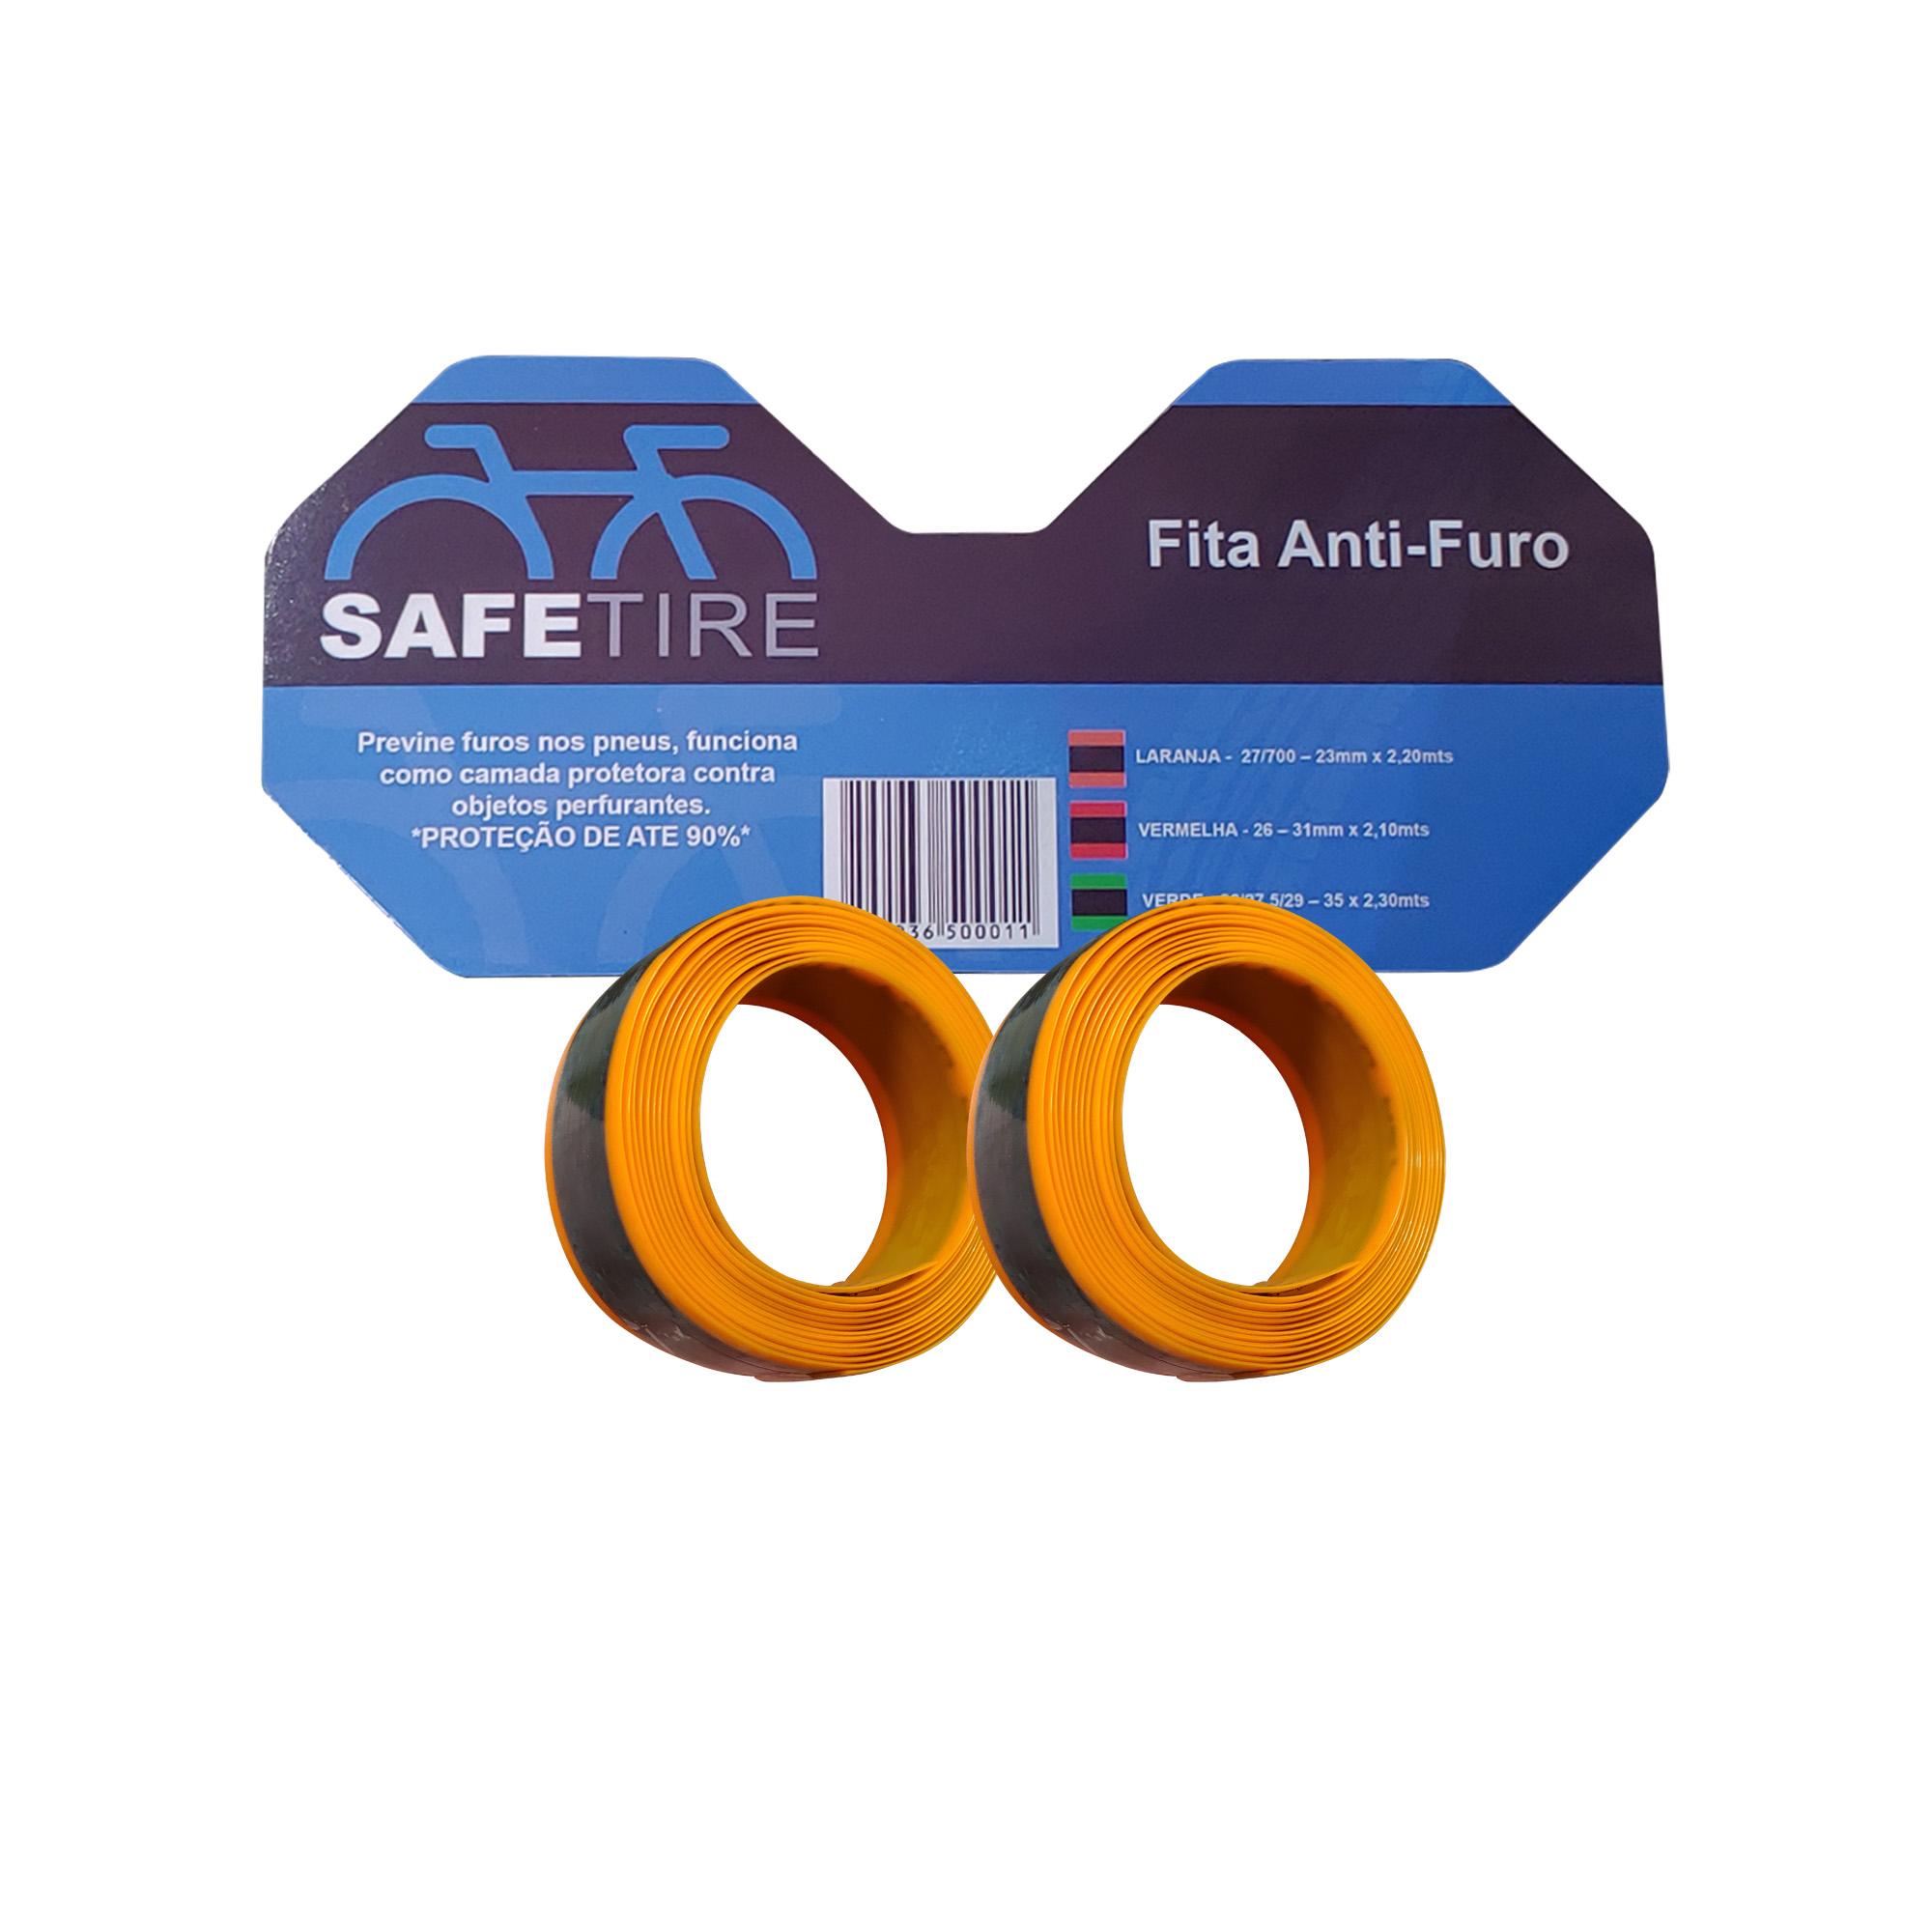 FITA PROTETORA ANTI-FURO SPEED 27/700 - TECTIRE/SAFETIRE